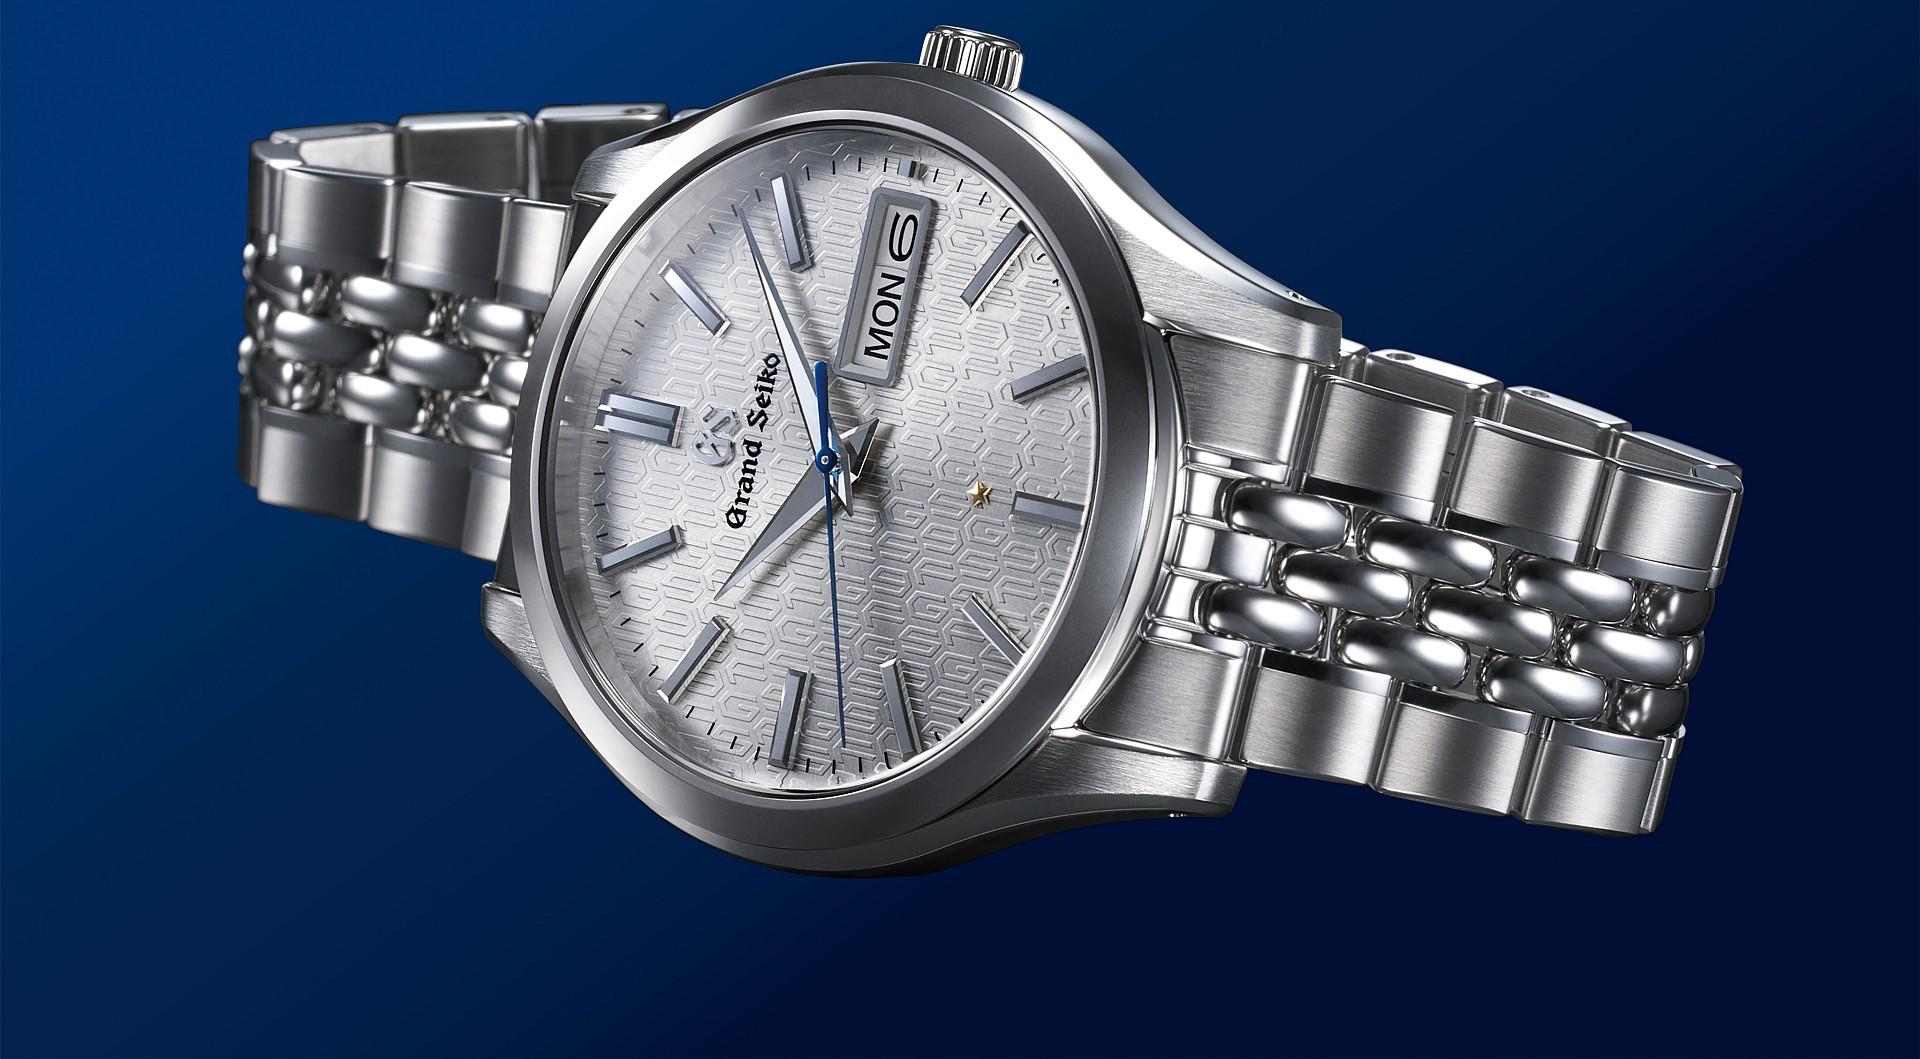 致敬經典.匠心不滅:Grand Seiko 9F機芯25週年限定紀念腕錶再現絕代風華